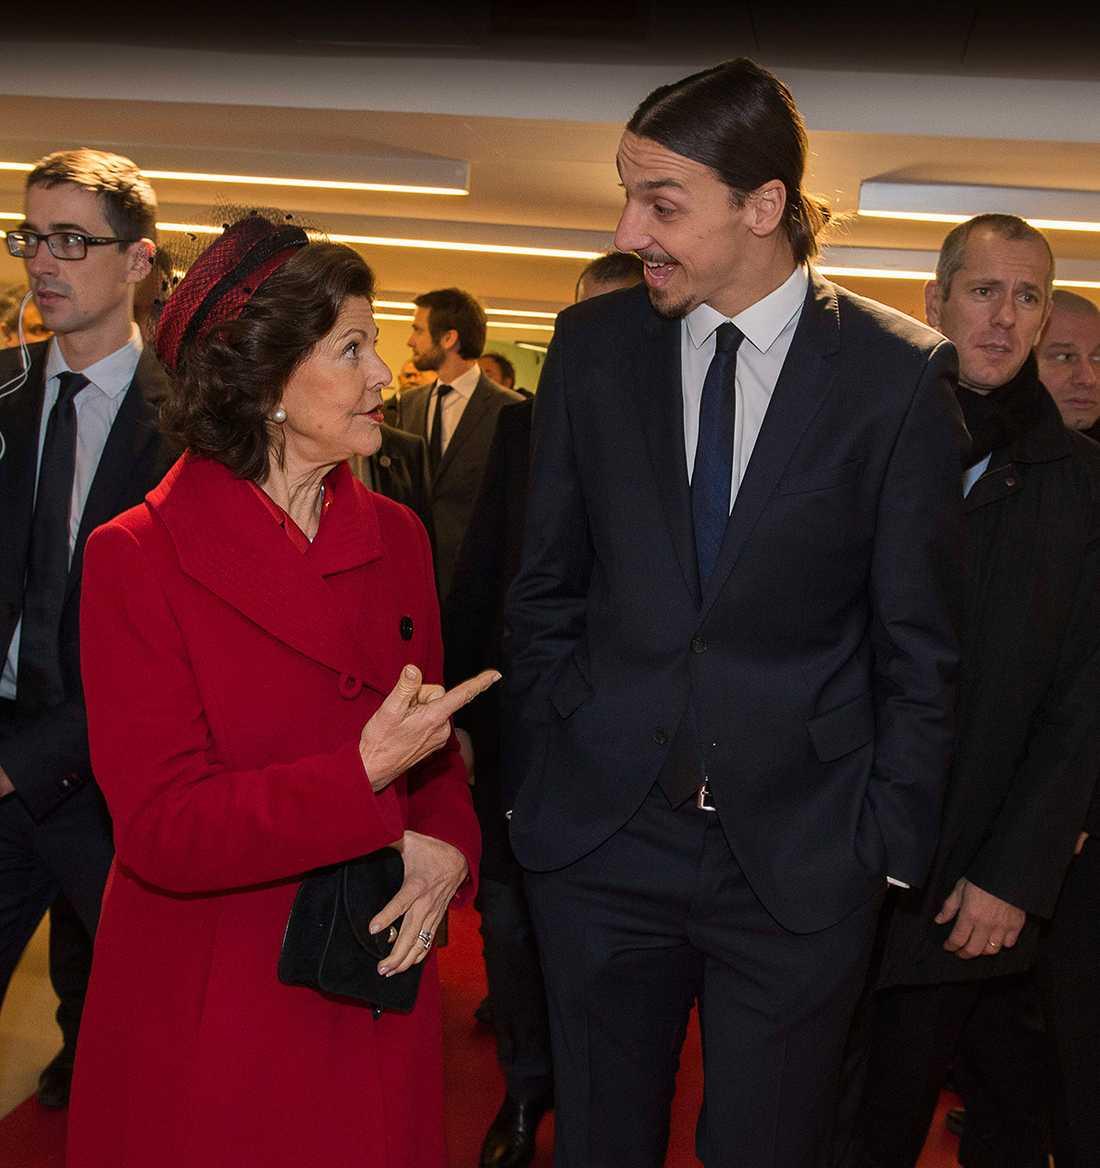 Drottning Silvia och Zlatan verkade trivas ihop.